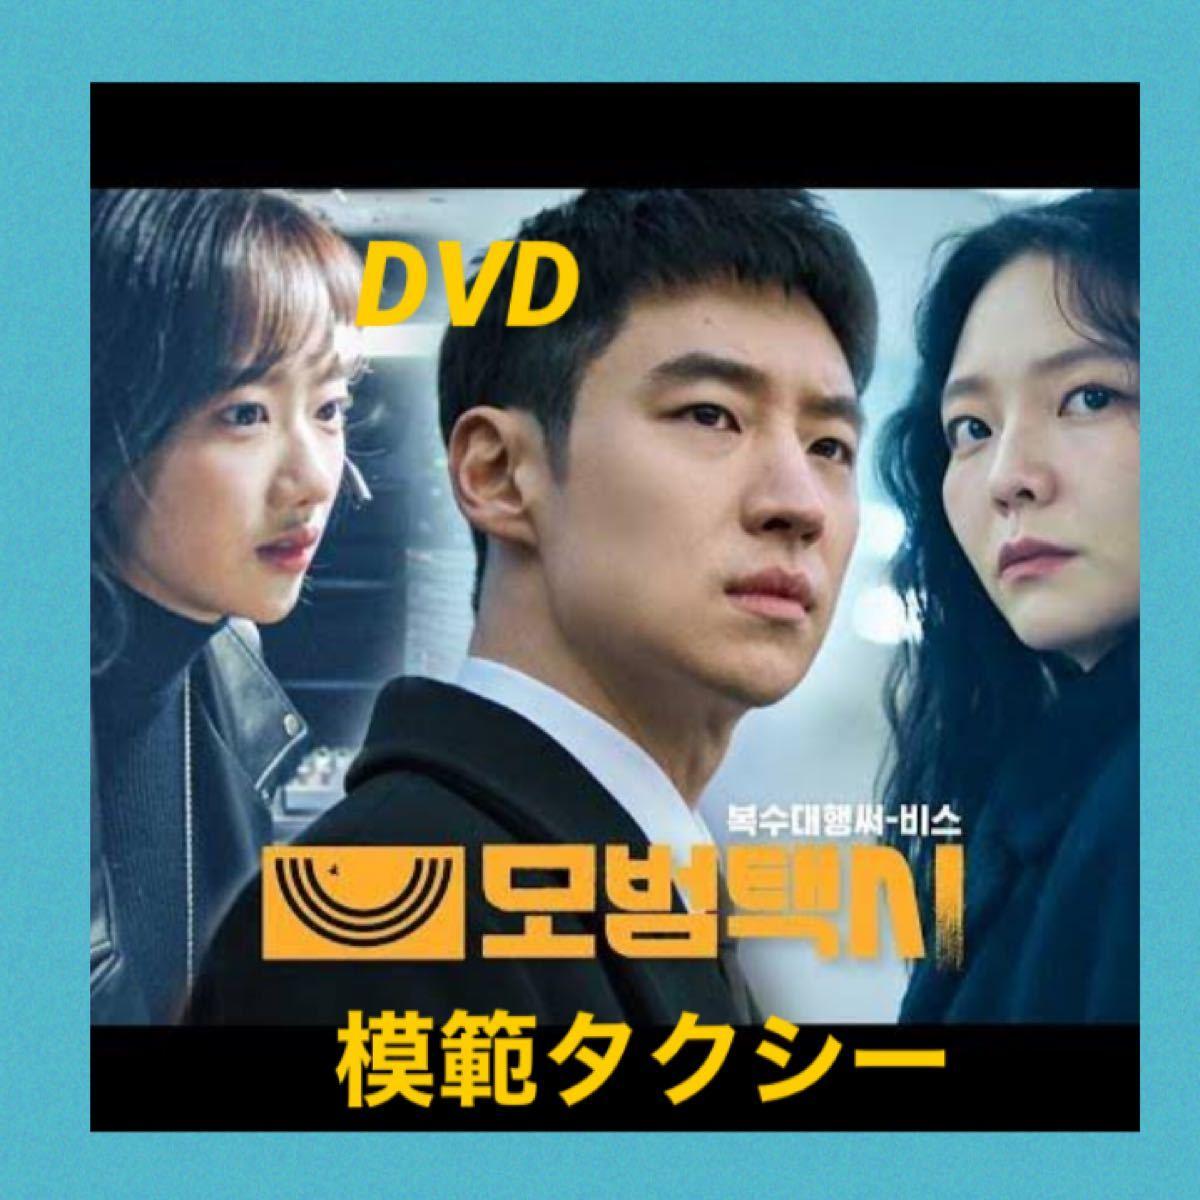 韓国ドラマ 模範タクシー DVD全話【レーベル印刷あり】